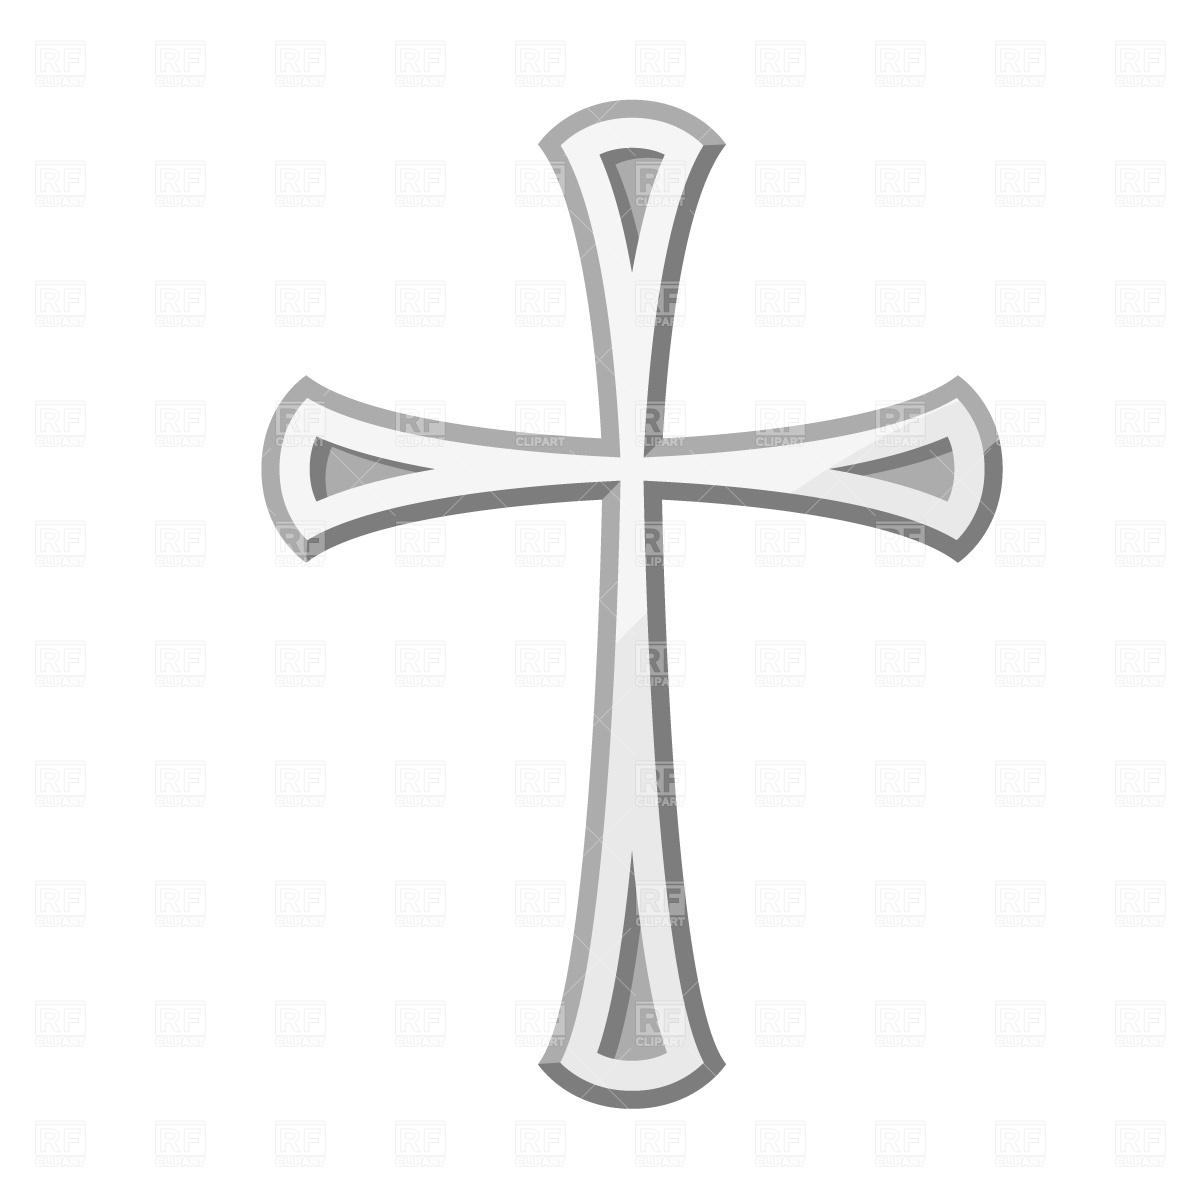 Cross Frees Vectors Clipart - Clipart Kid